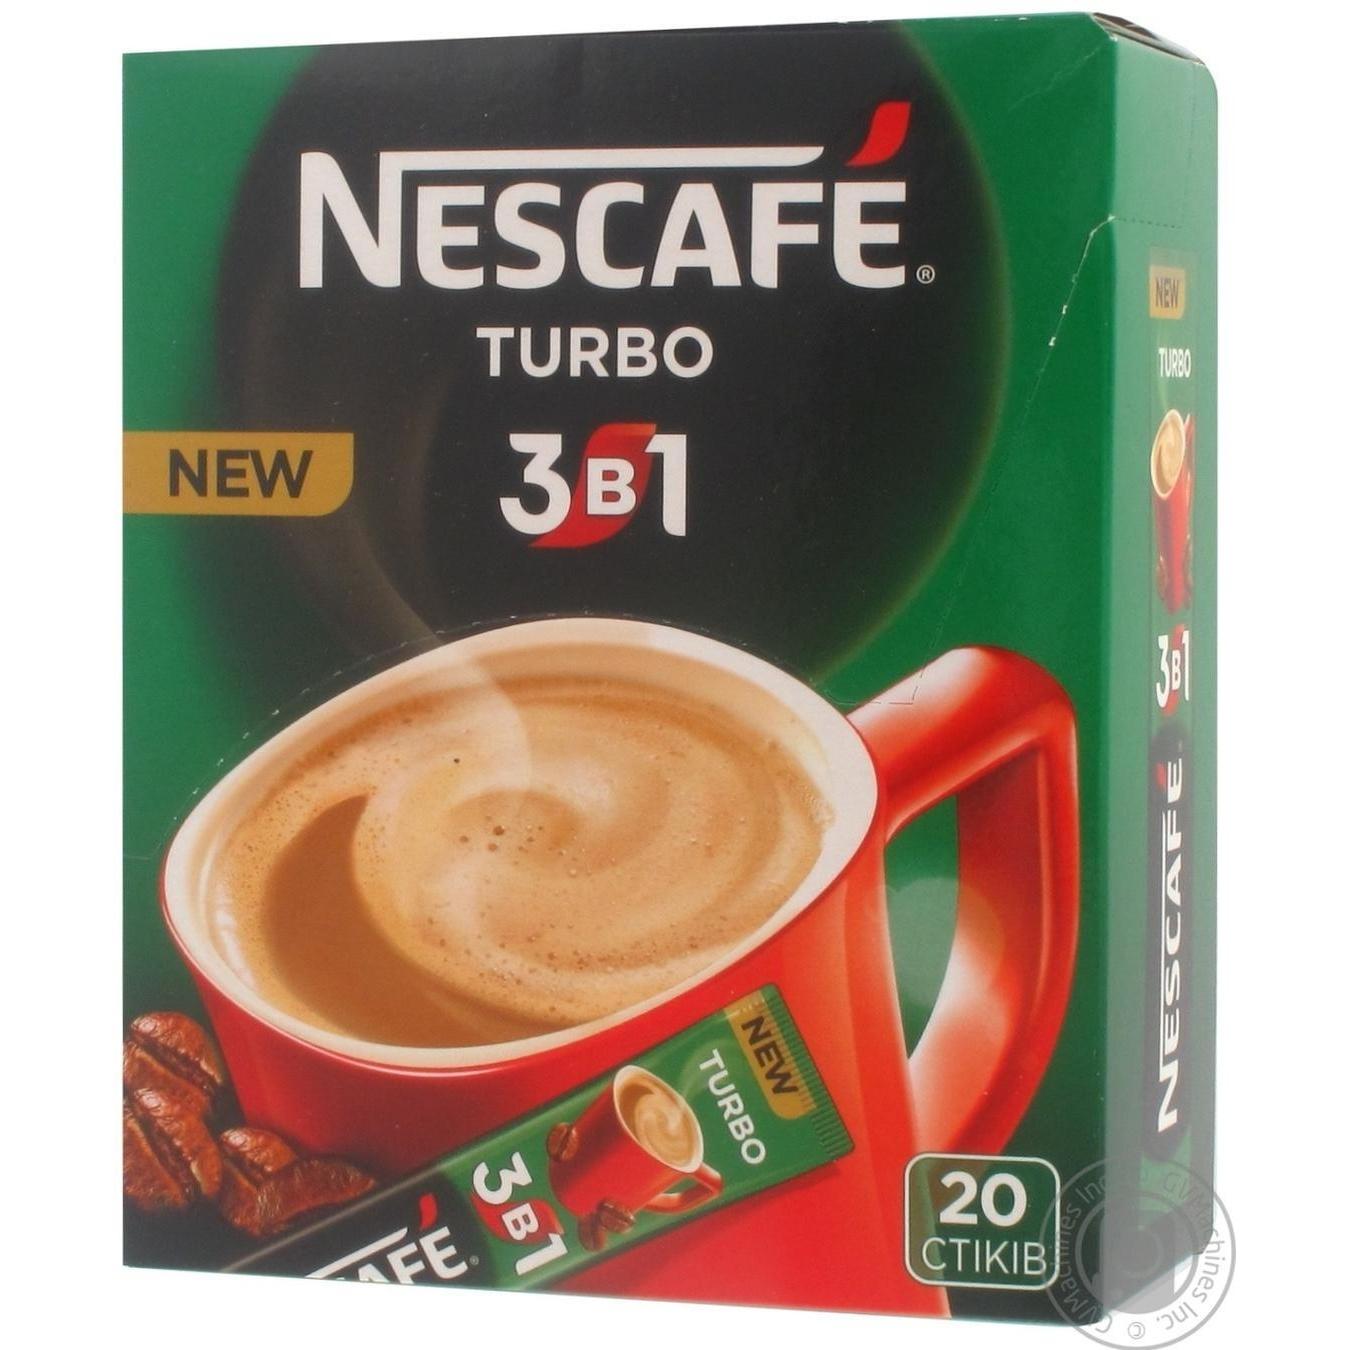 Напиток кофейный Nescafe 3в1 Turbo растворимый в стиках 20*13г